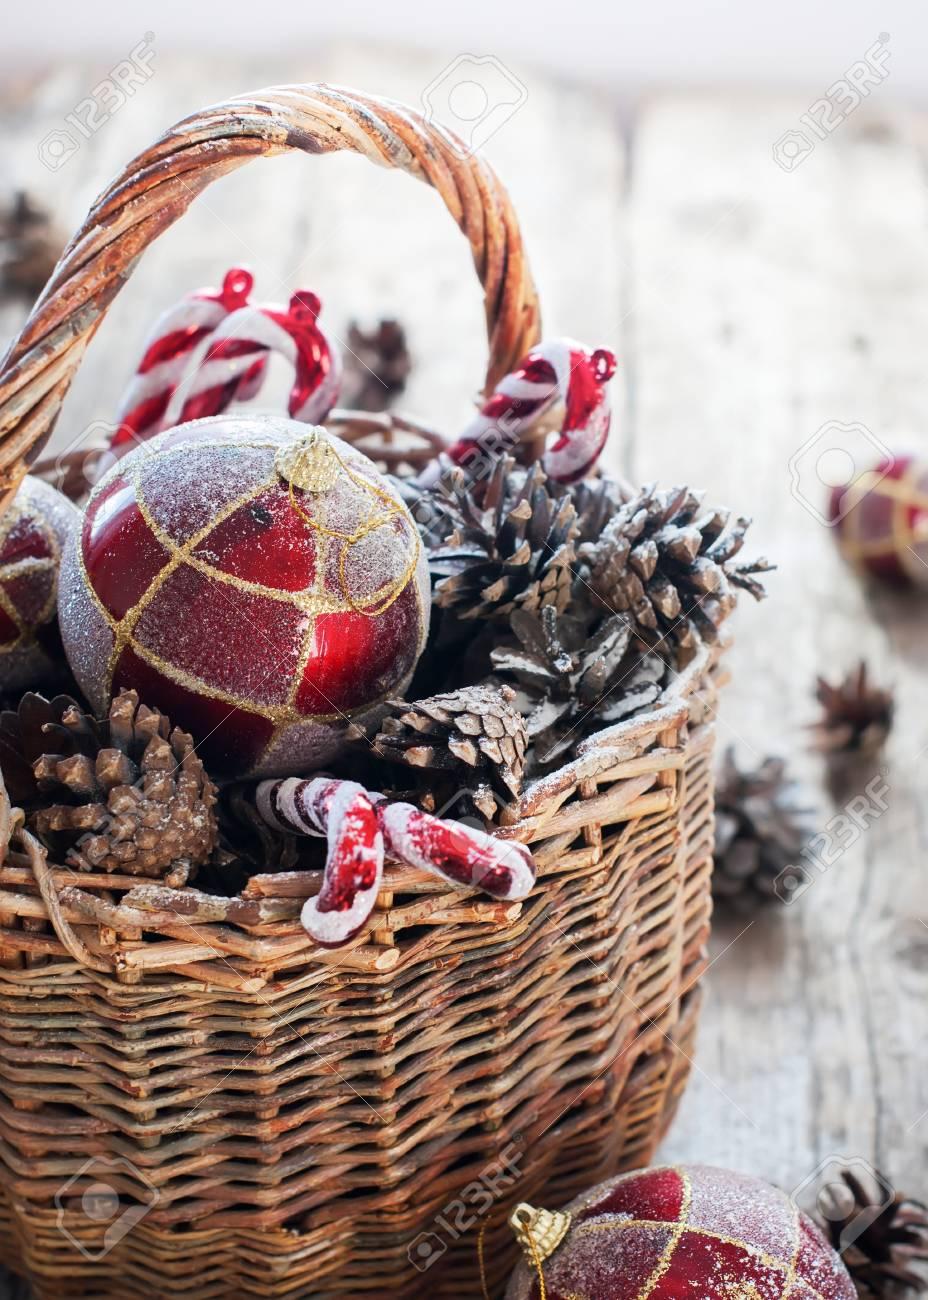 Weihnachten Vintage Geschenke Im Korb, Rot Gold-Kugeln, Tannenzapfen ...